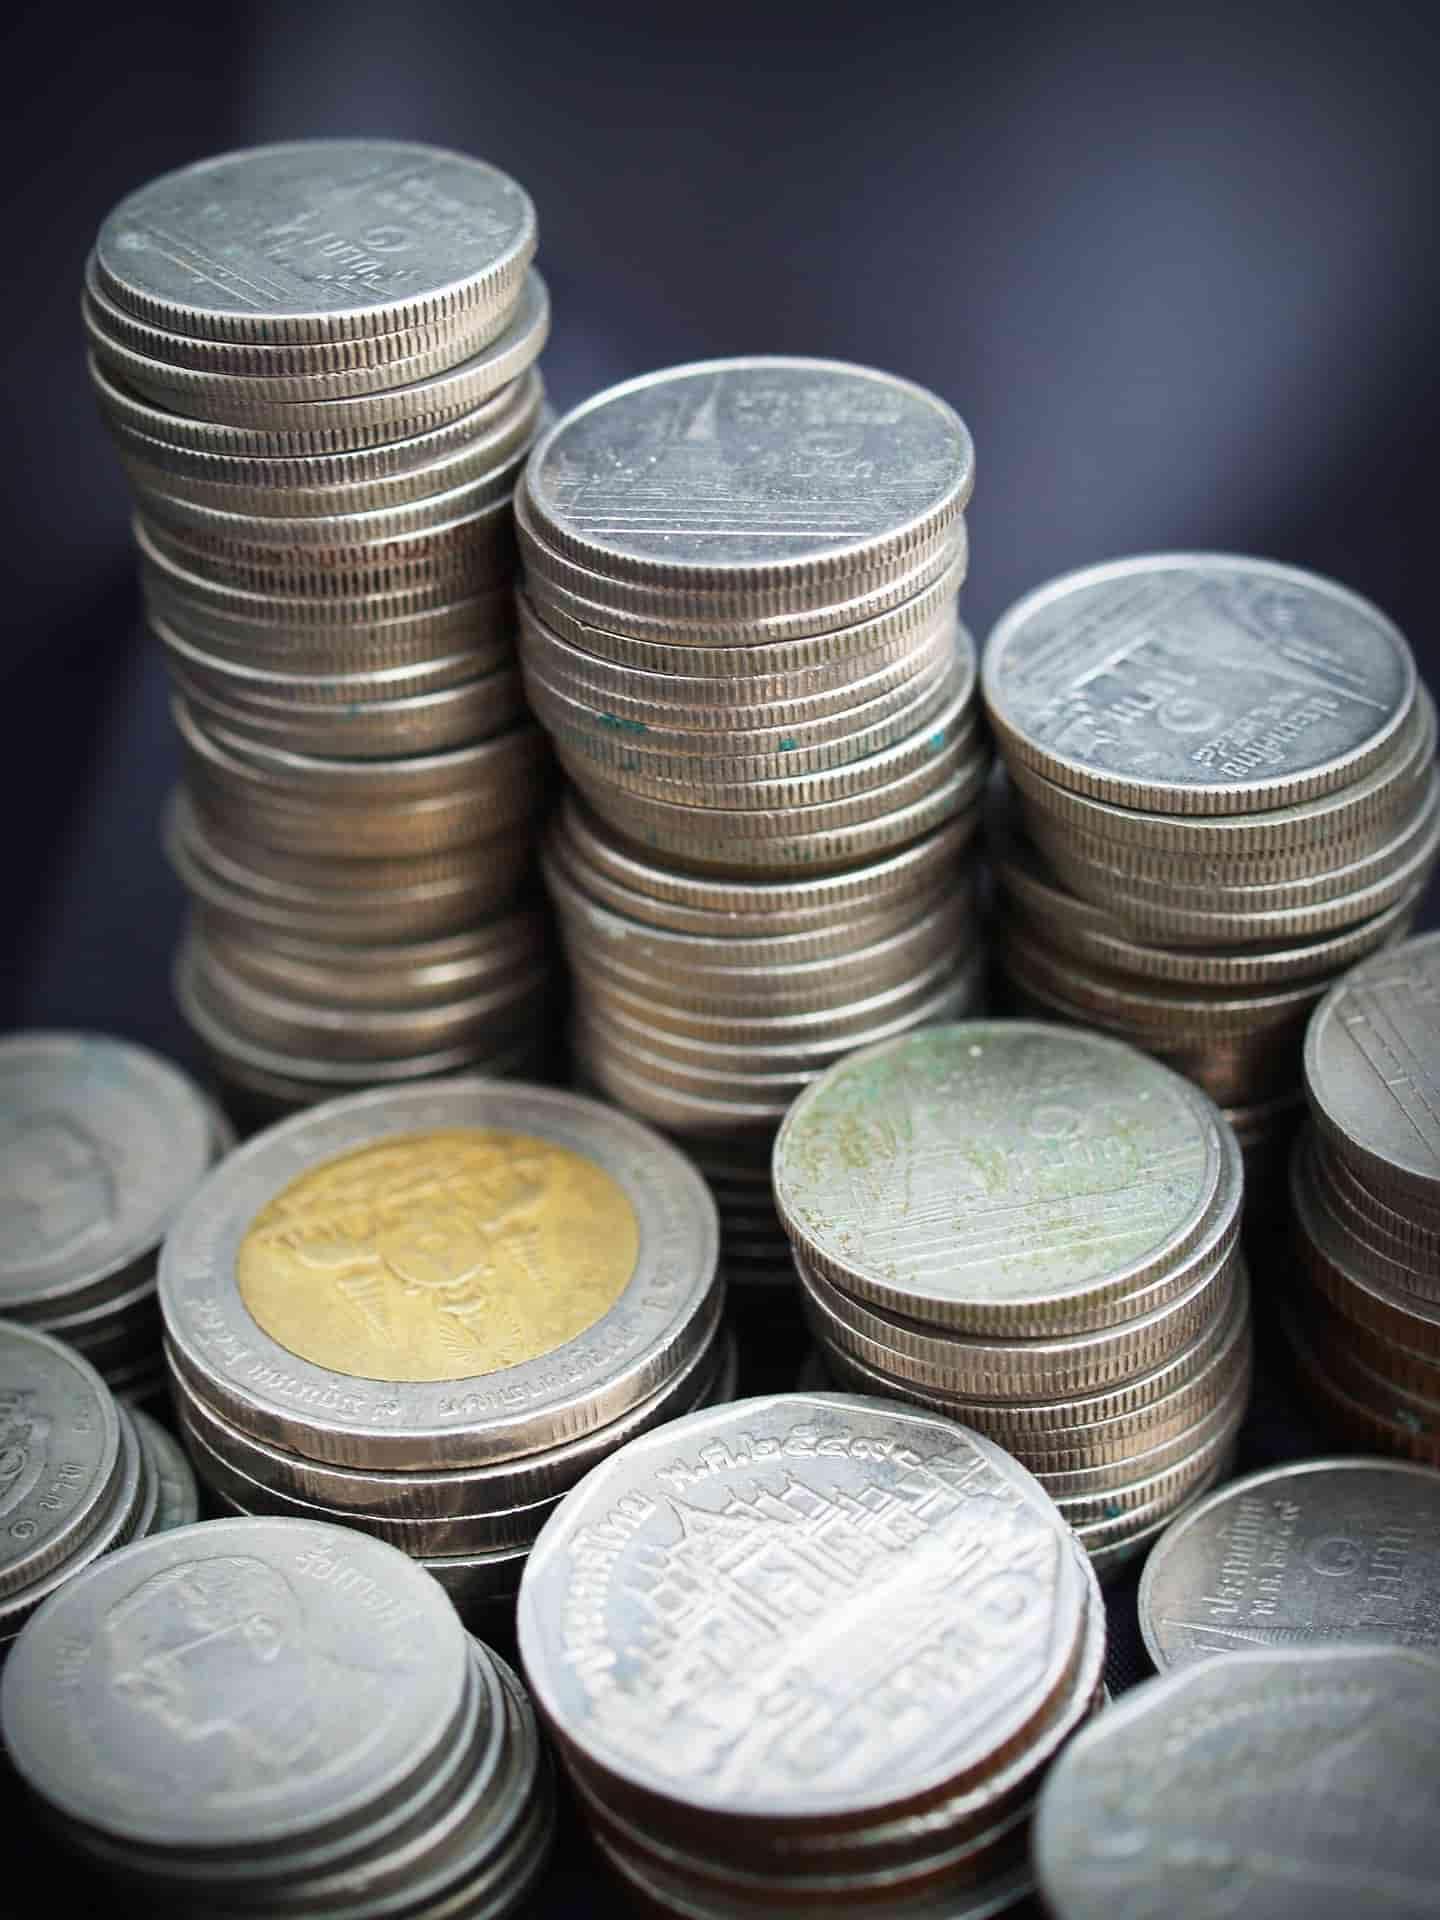 Sankcja kredytu darmowego – kilka uwag o tym, w jaki sposób odzyskać zapłacone odsetki i prowizję